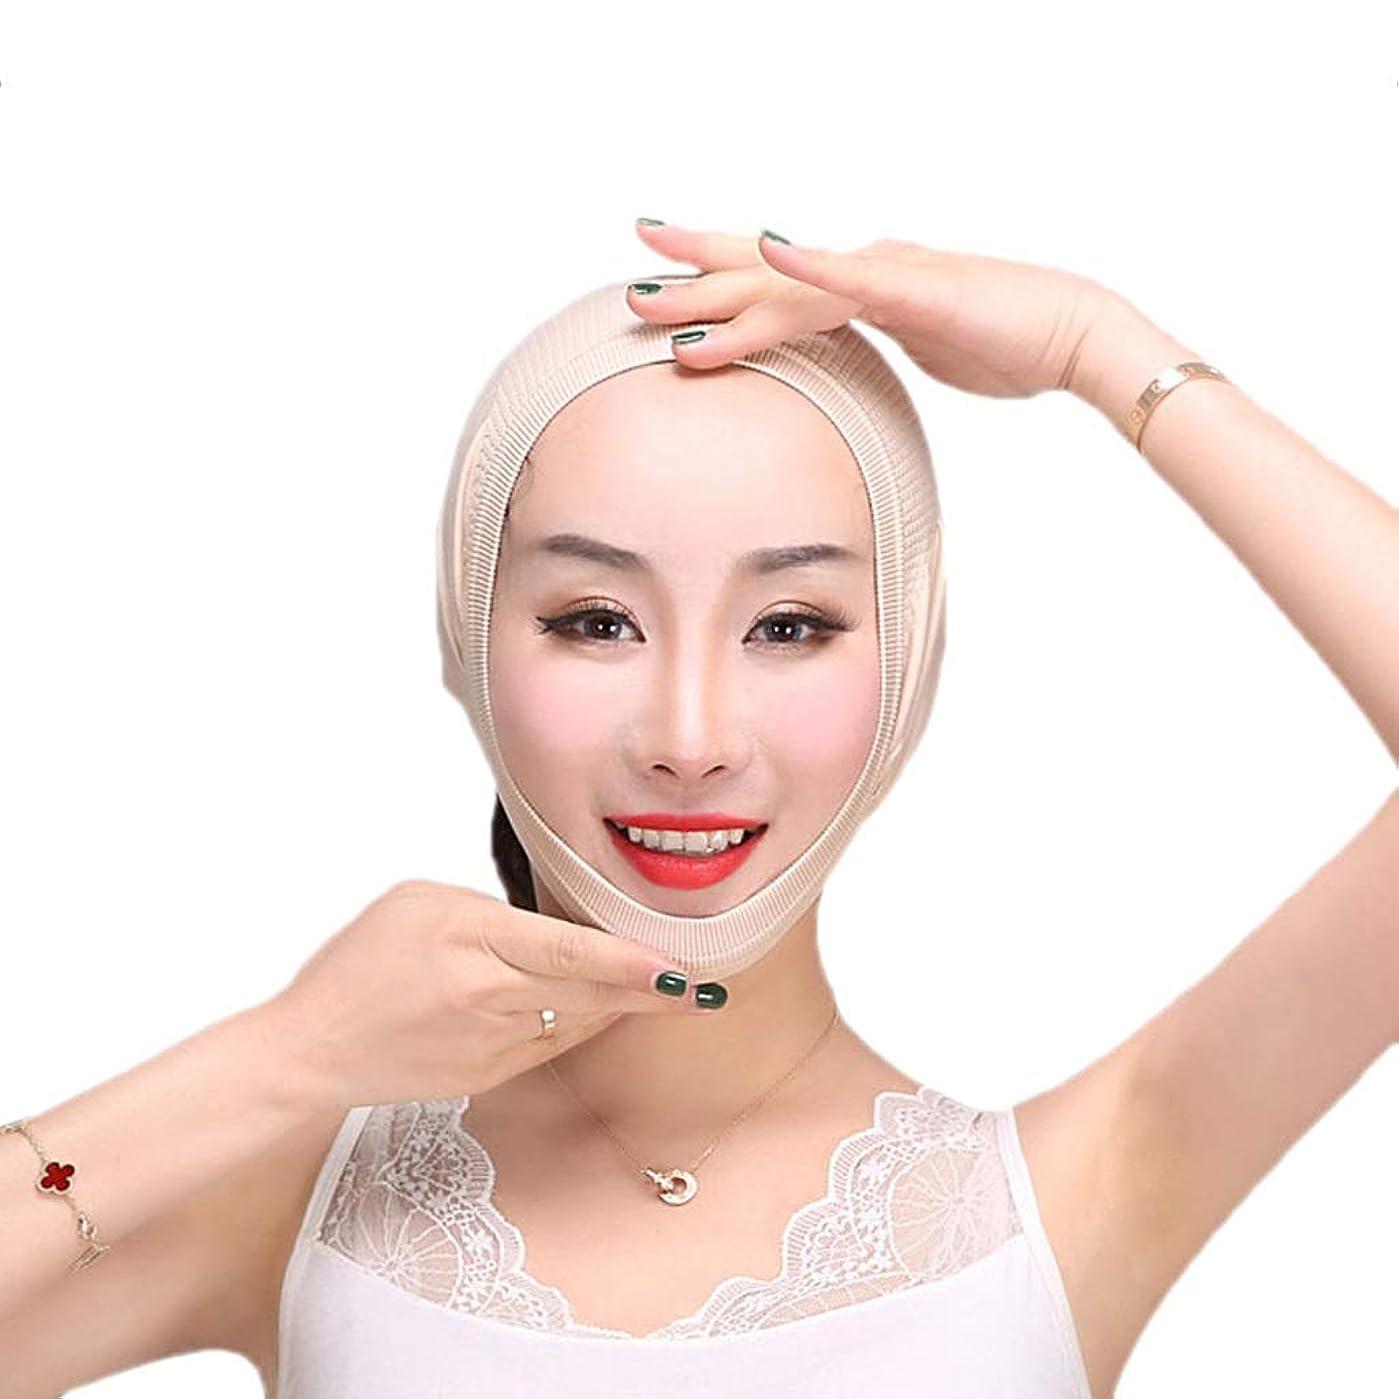 パキスタン人レジ波XHLMRMJ フェイスリフトマスク、フェイススリミングマスク、チンストラップ、フェイスマッサージ、フェイシャル減量マスク、チンリフティングベルト(ワンサイズ)